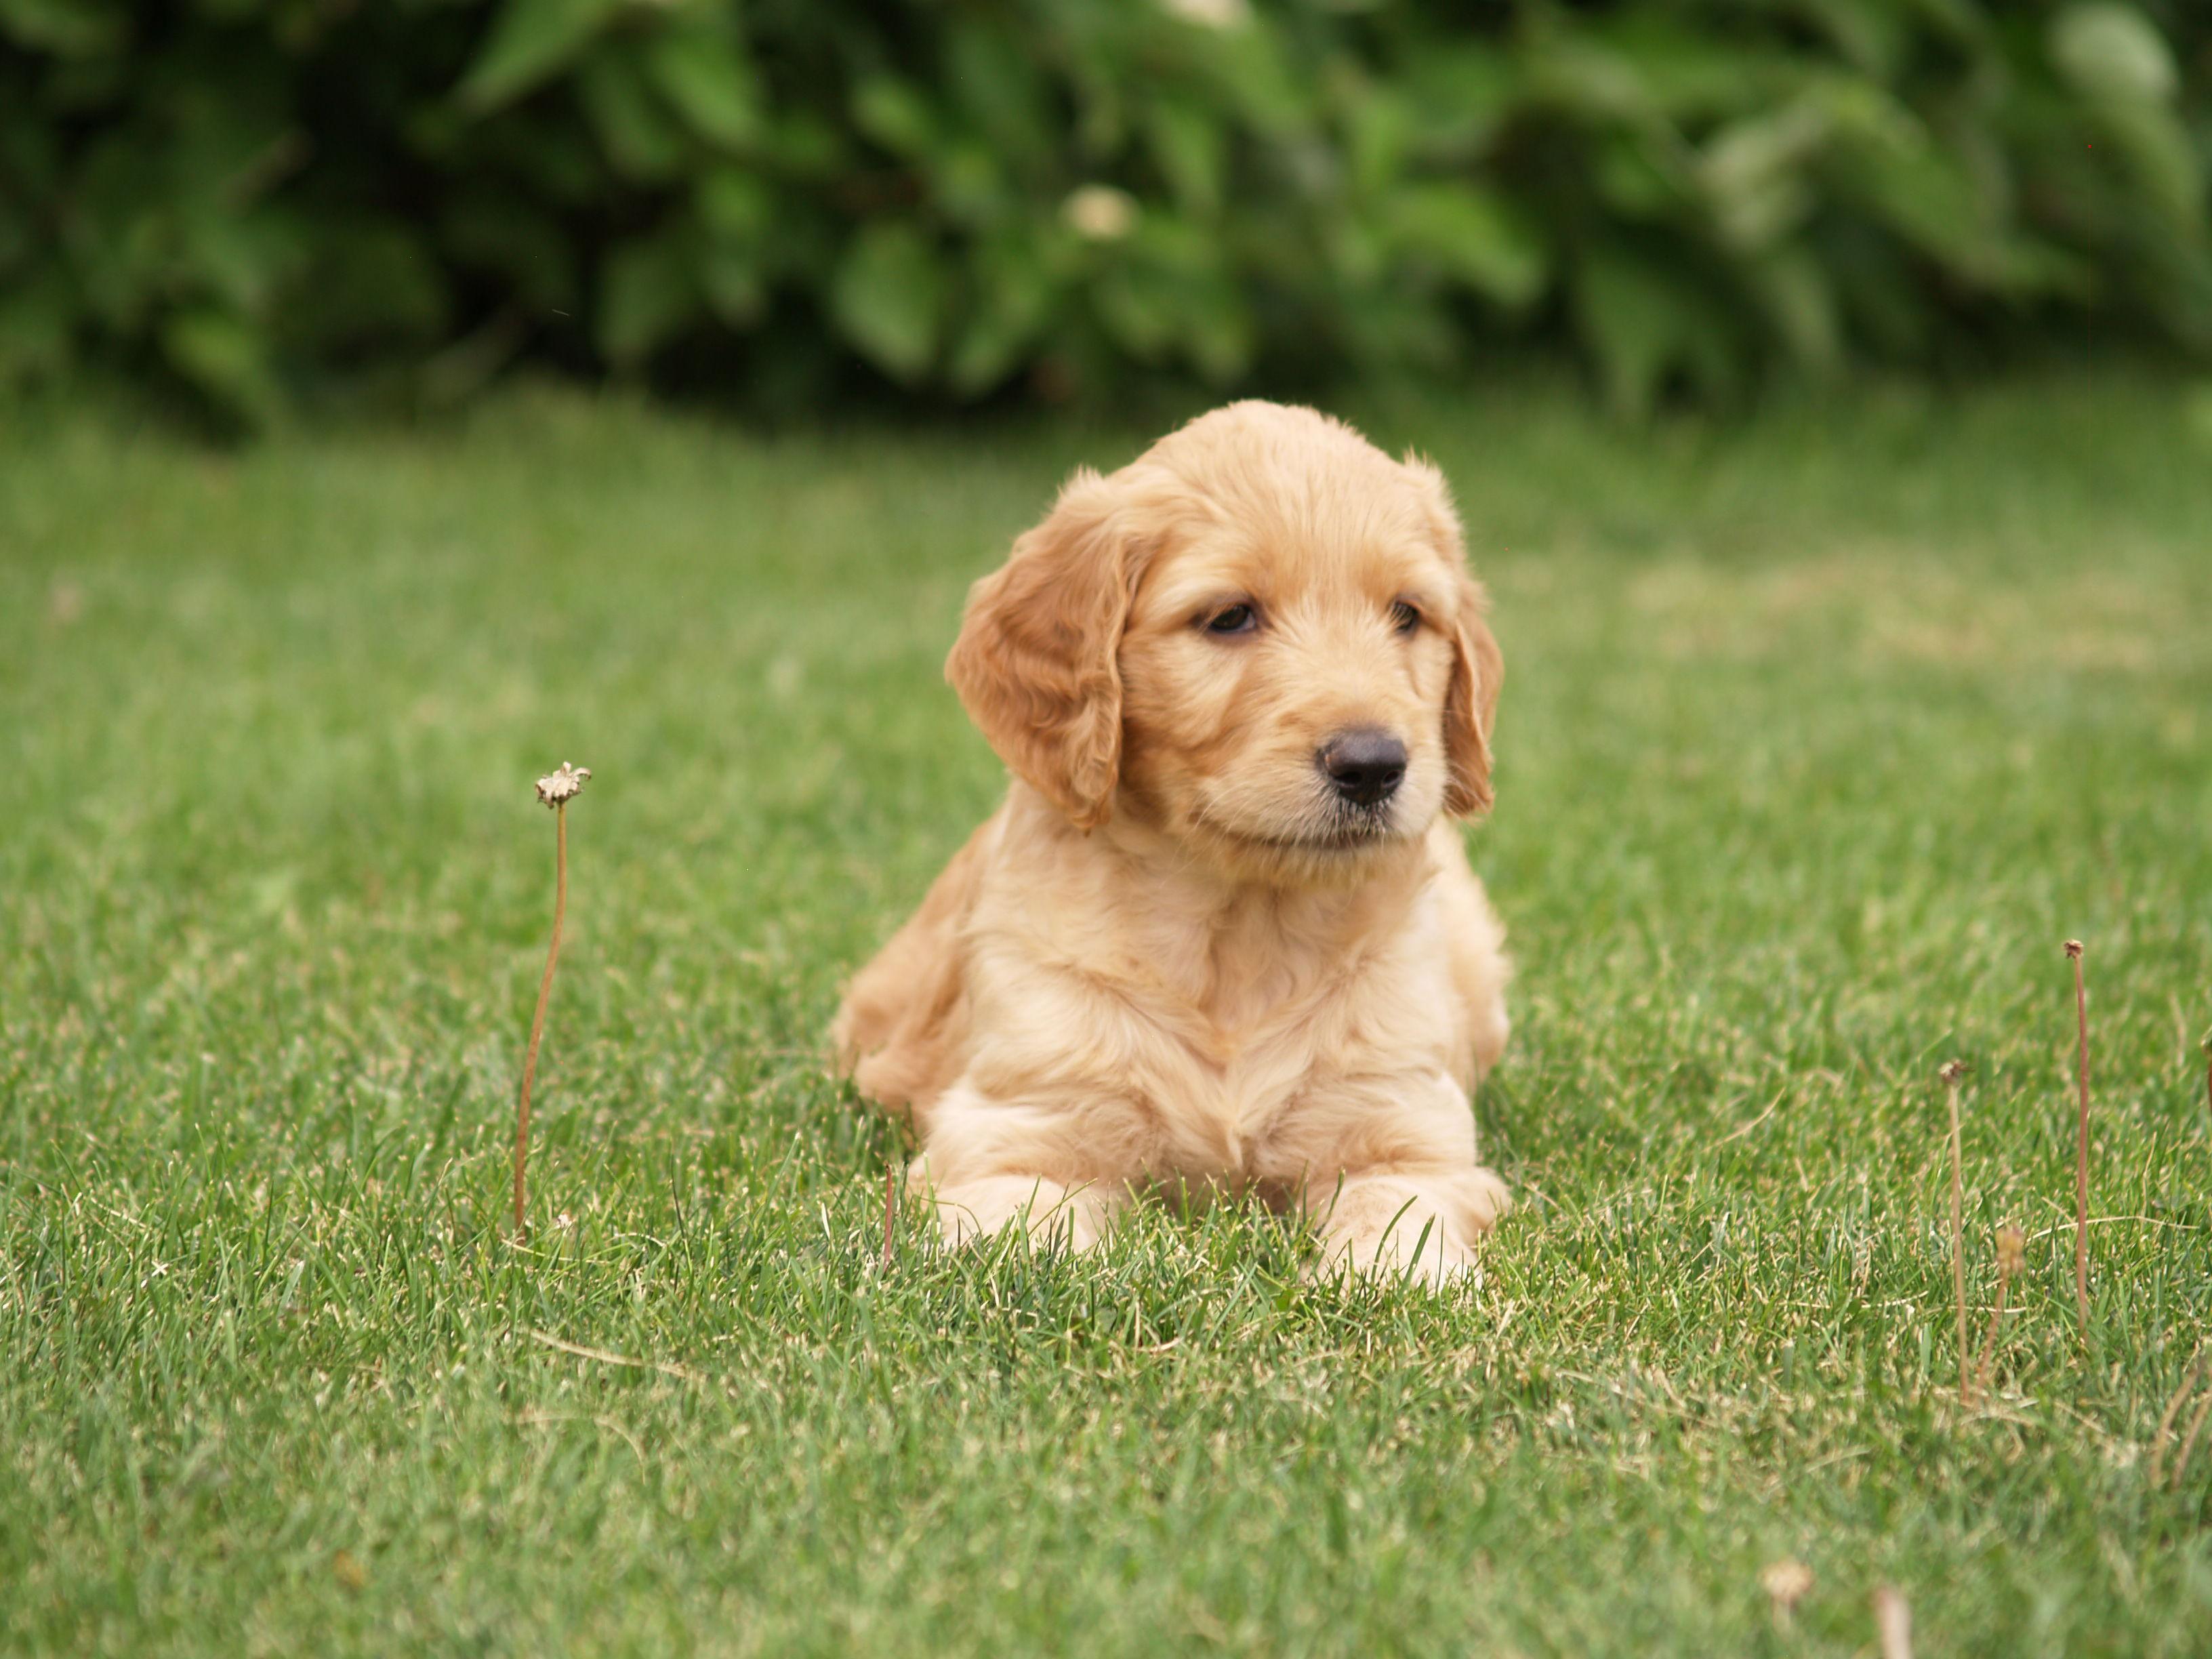 Goldendoodle image 1